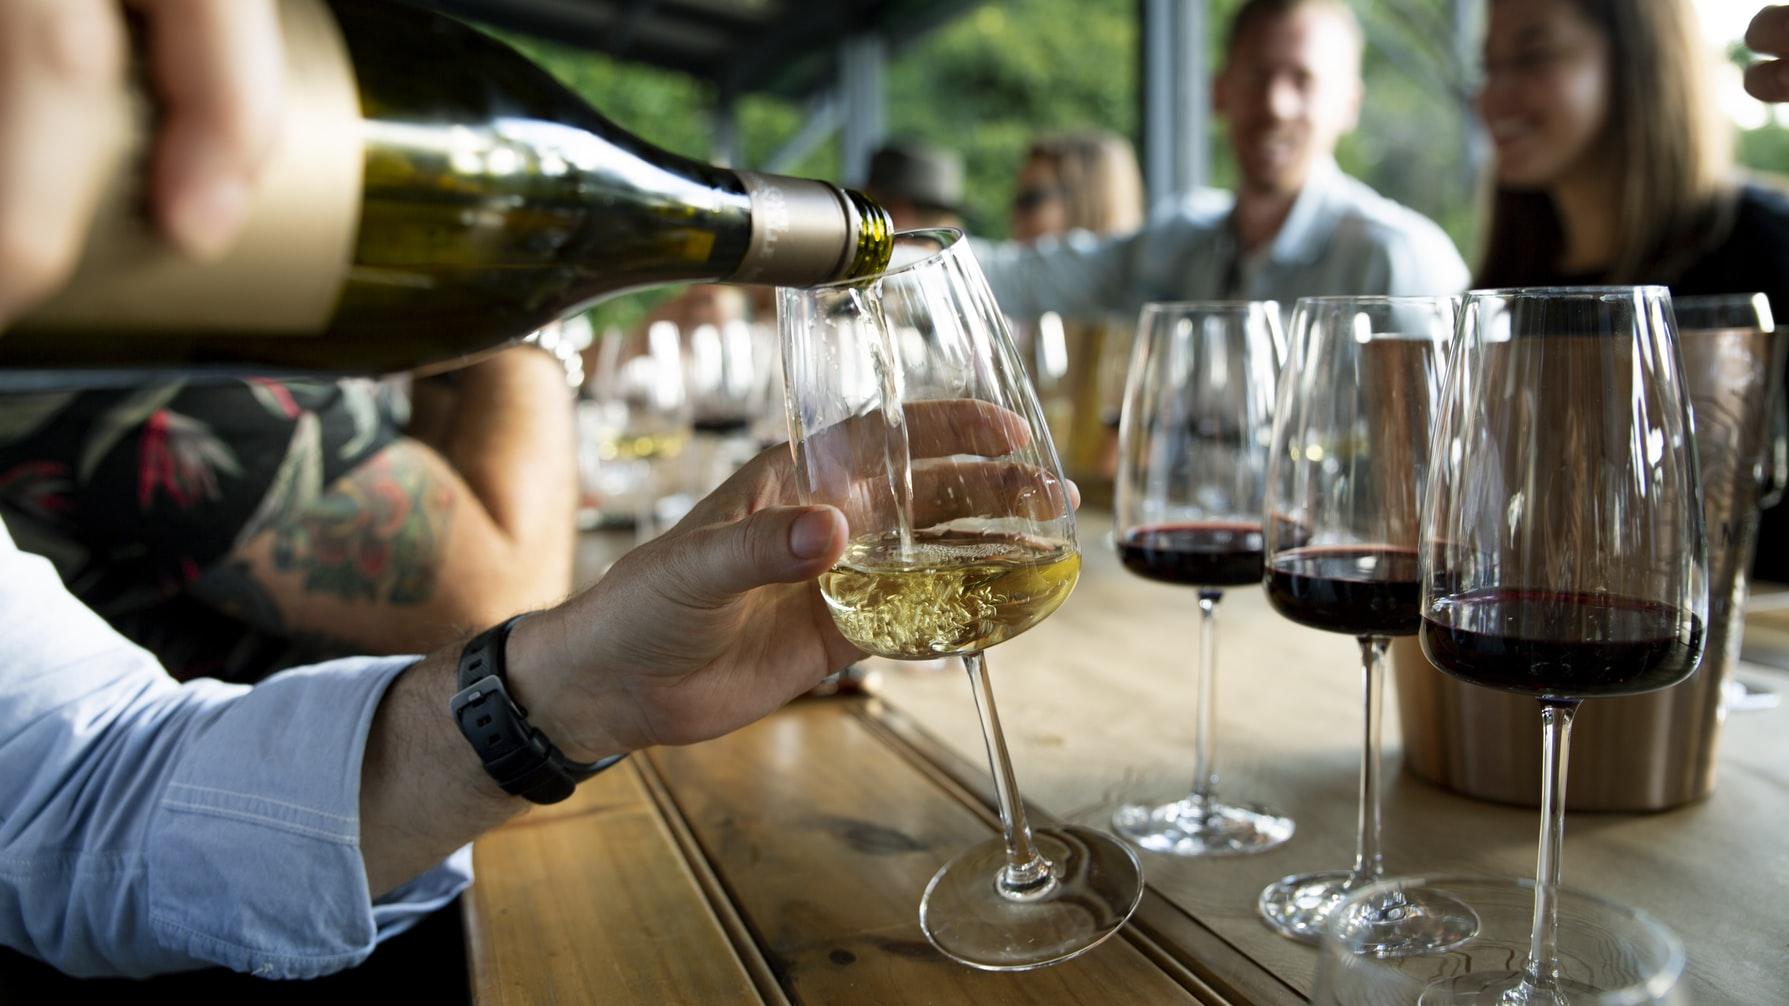 Vila Galé Ópera recebe festa vínica com os melhores vinhos nacionais